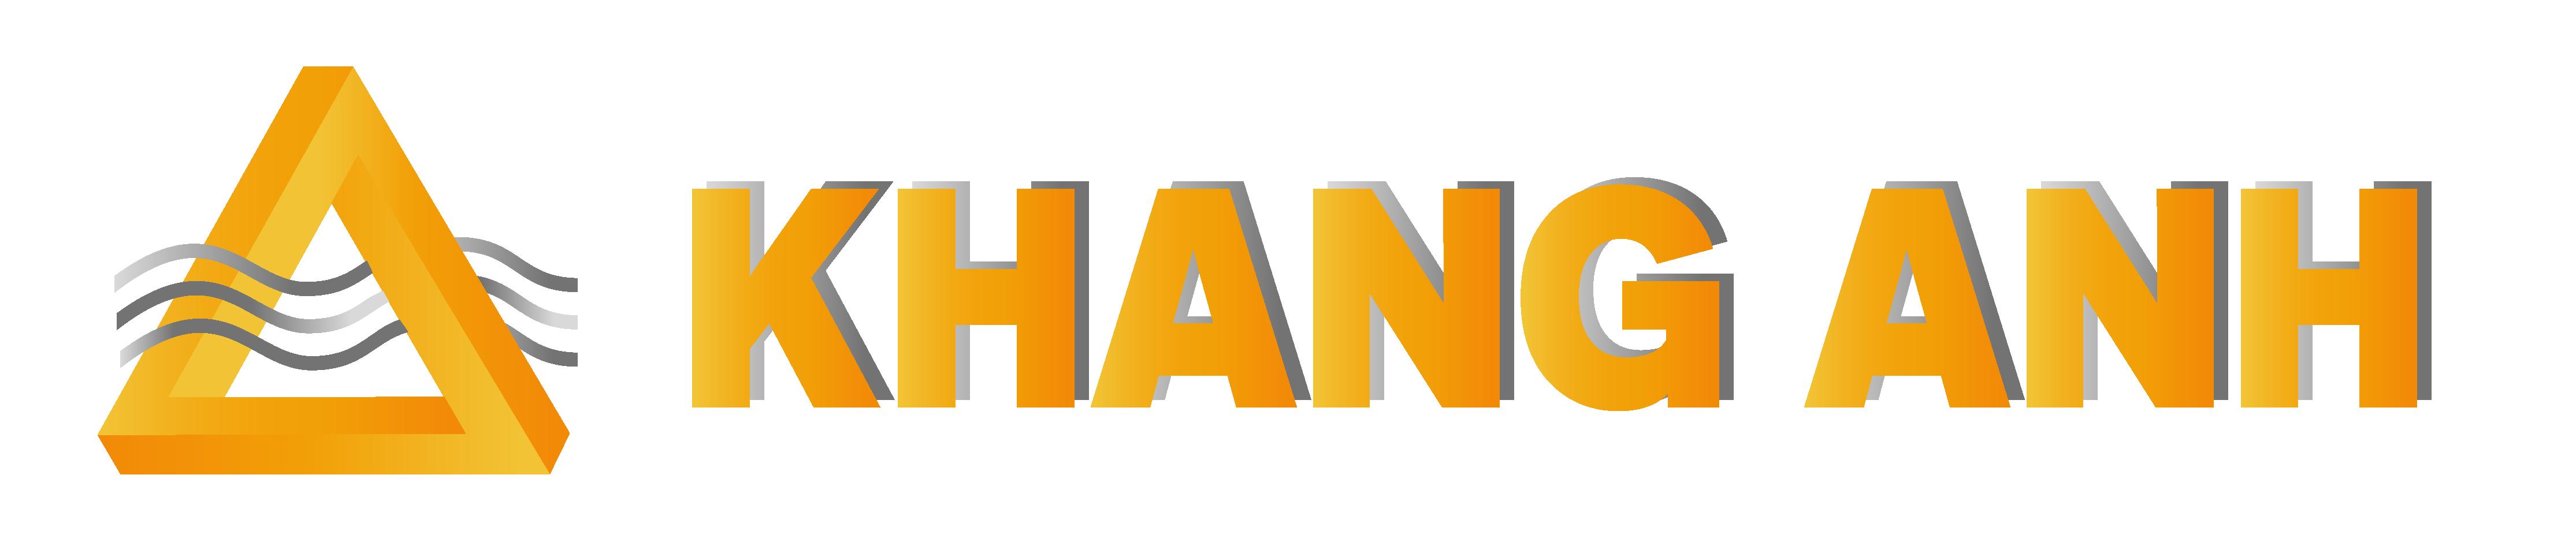 Khang Anh Tech